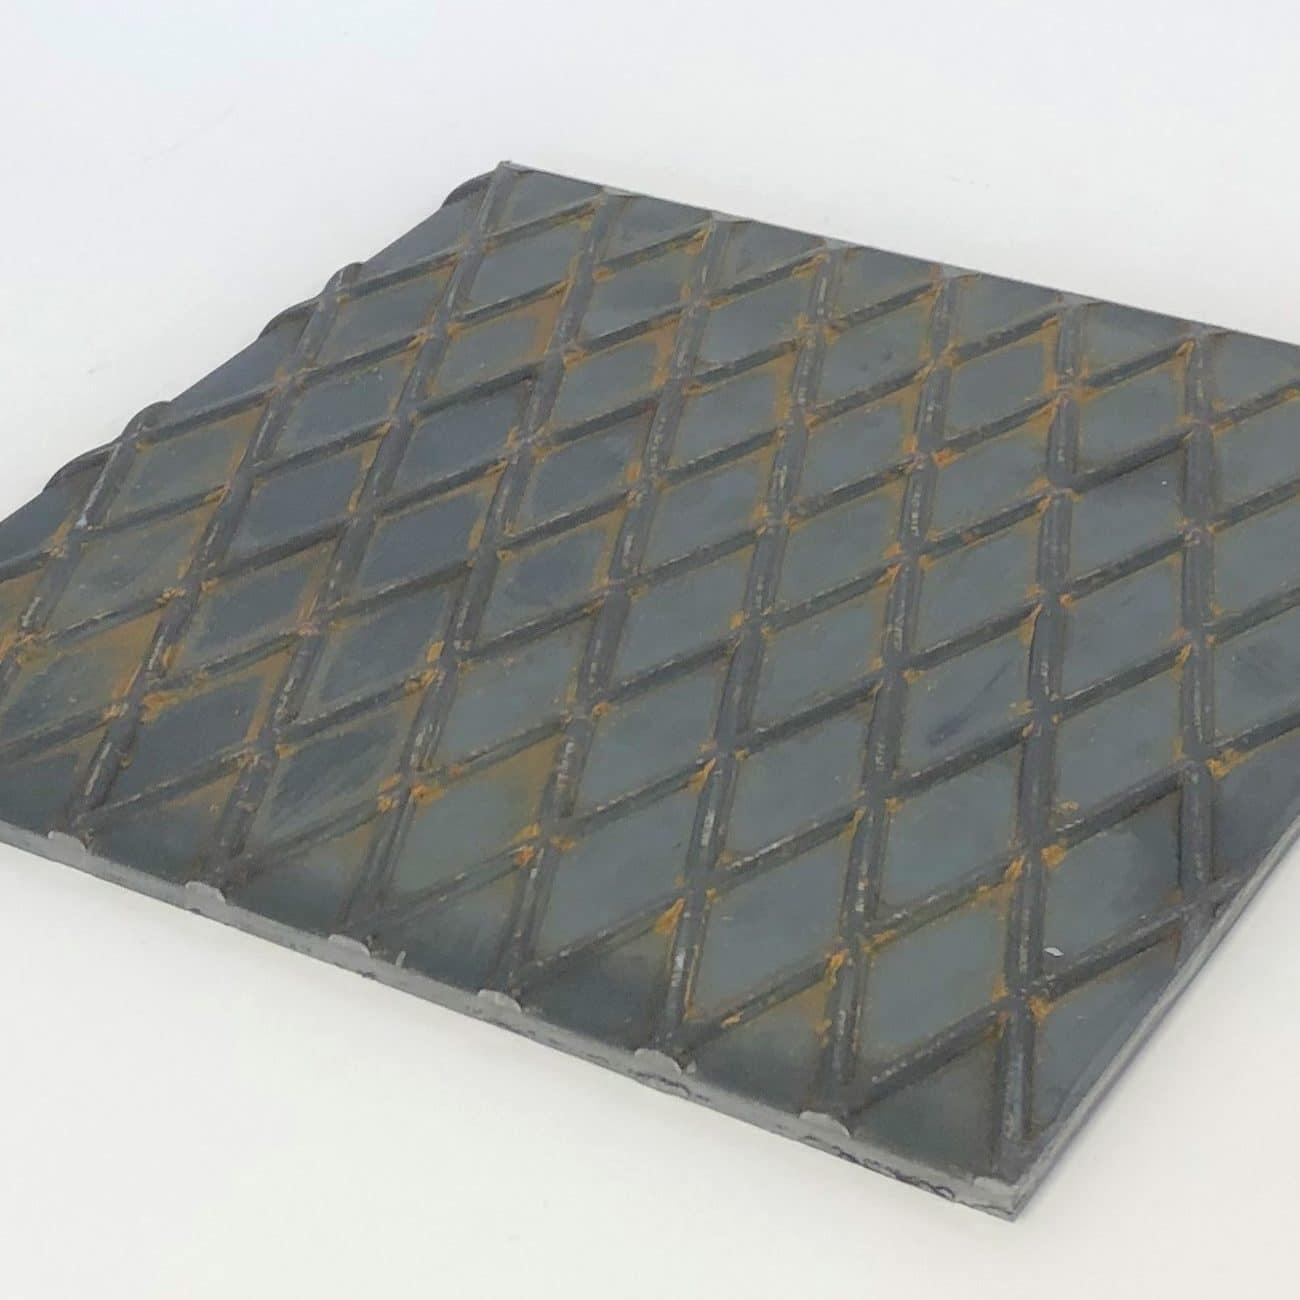 Bild på ståldurk / durkplåt från Bromma Stål i rutmönster